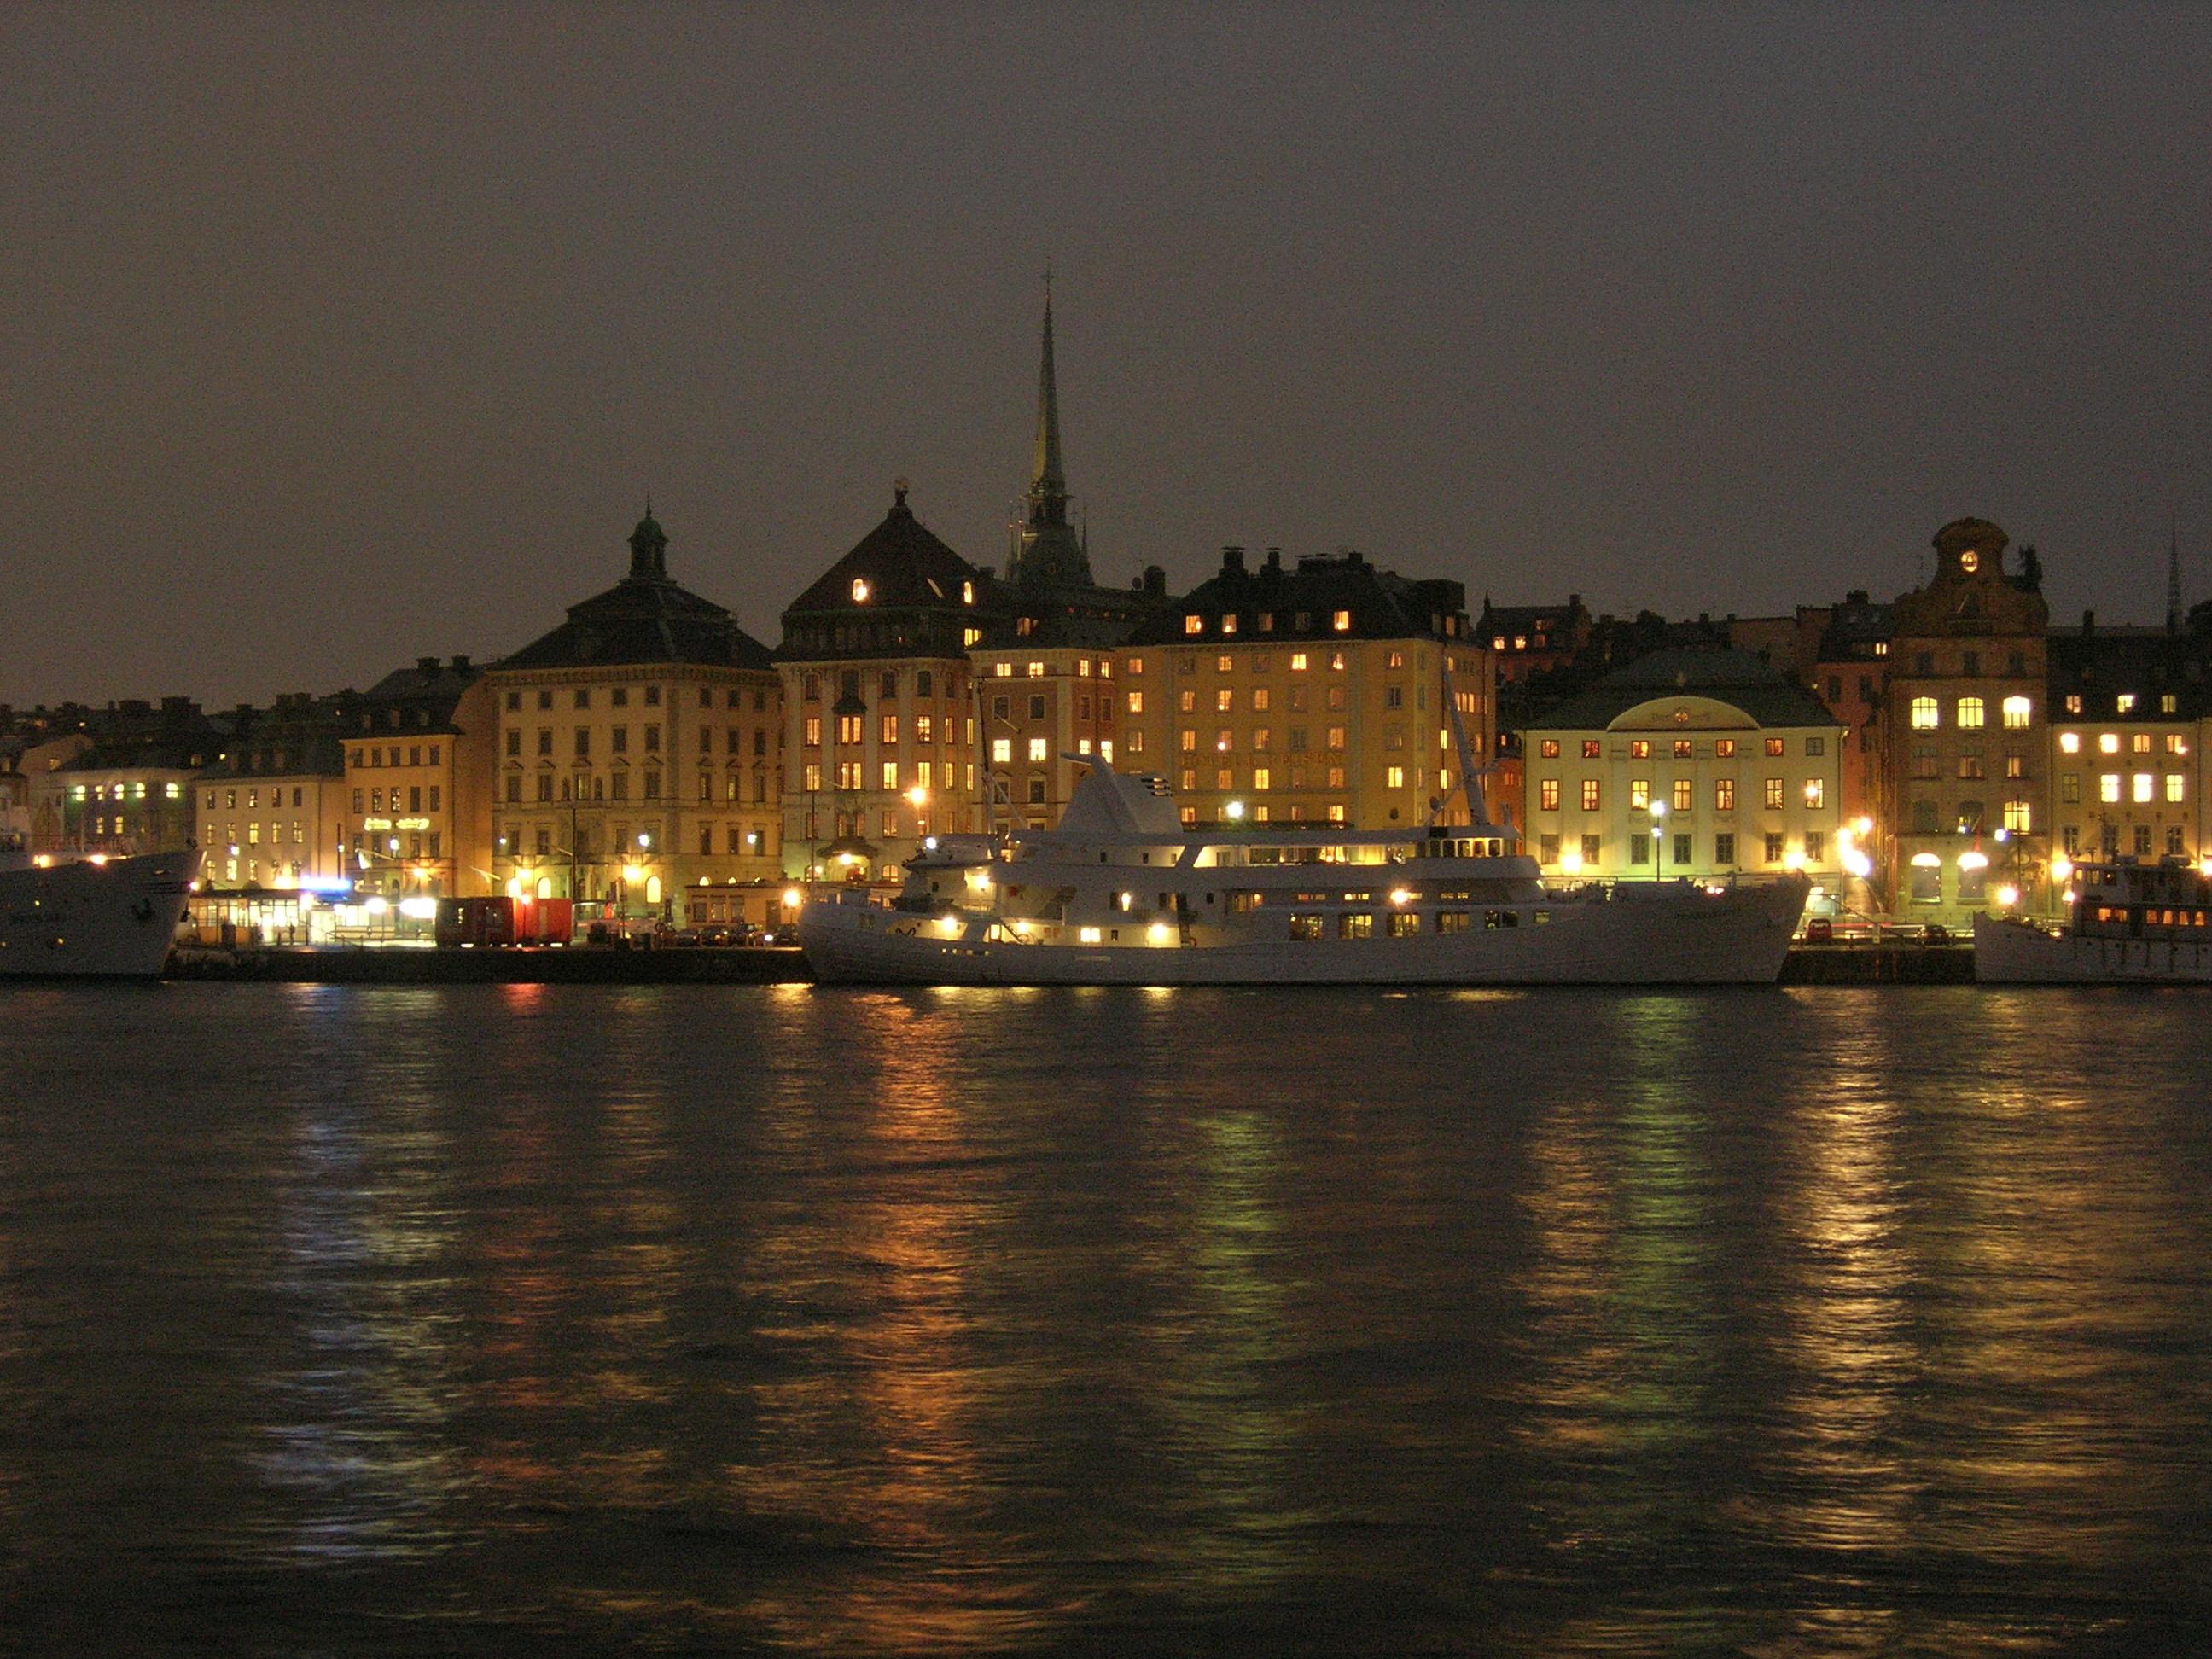 Stoccolma alcune idee per capodanno a tutto turismo for Idee per capodanno italia